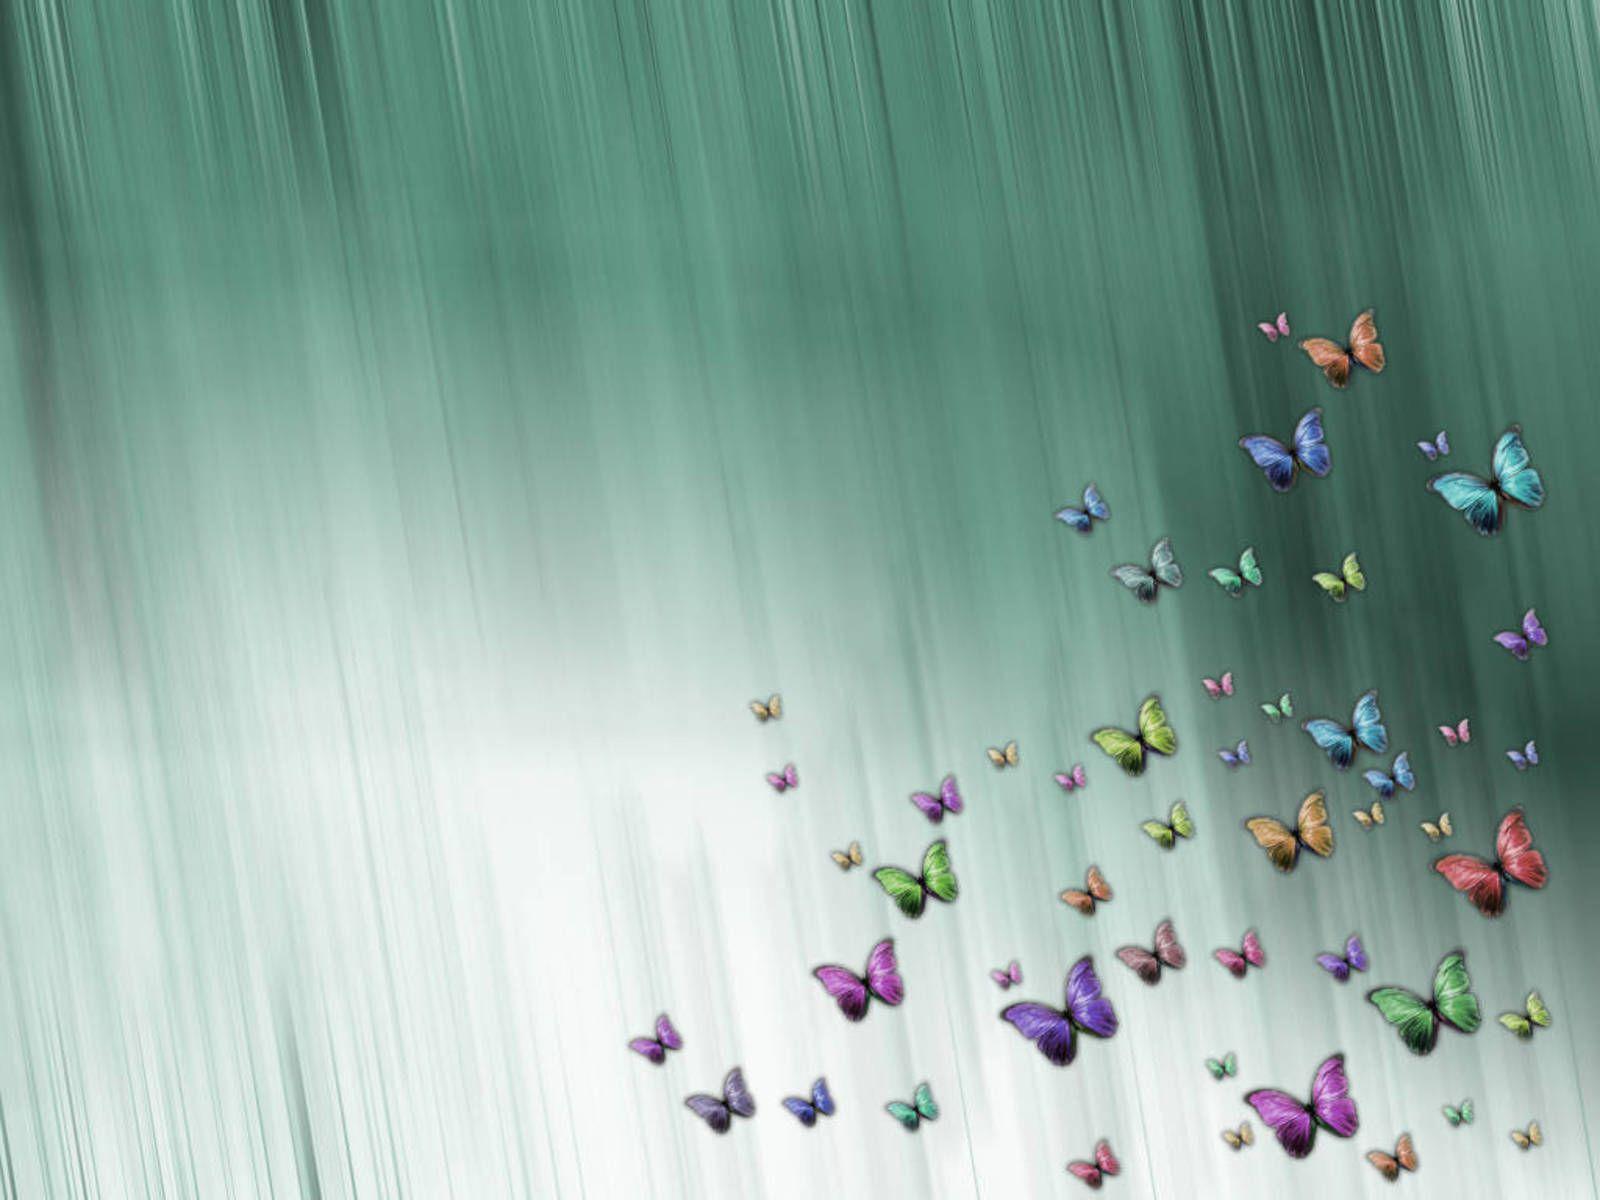 beautiful butterfly hd desktop - photo #20